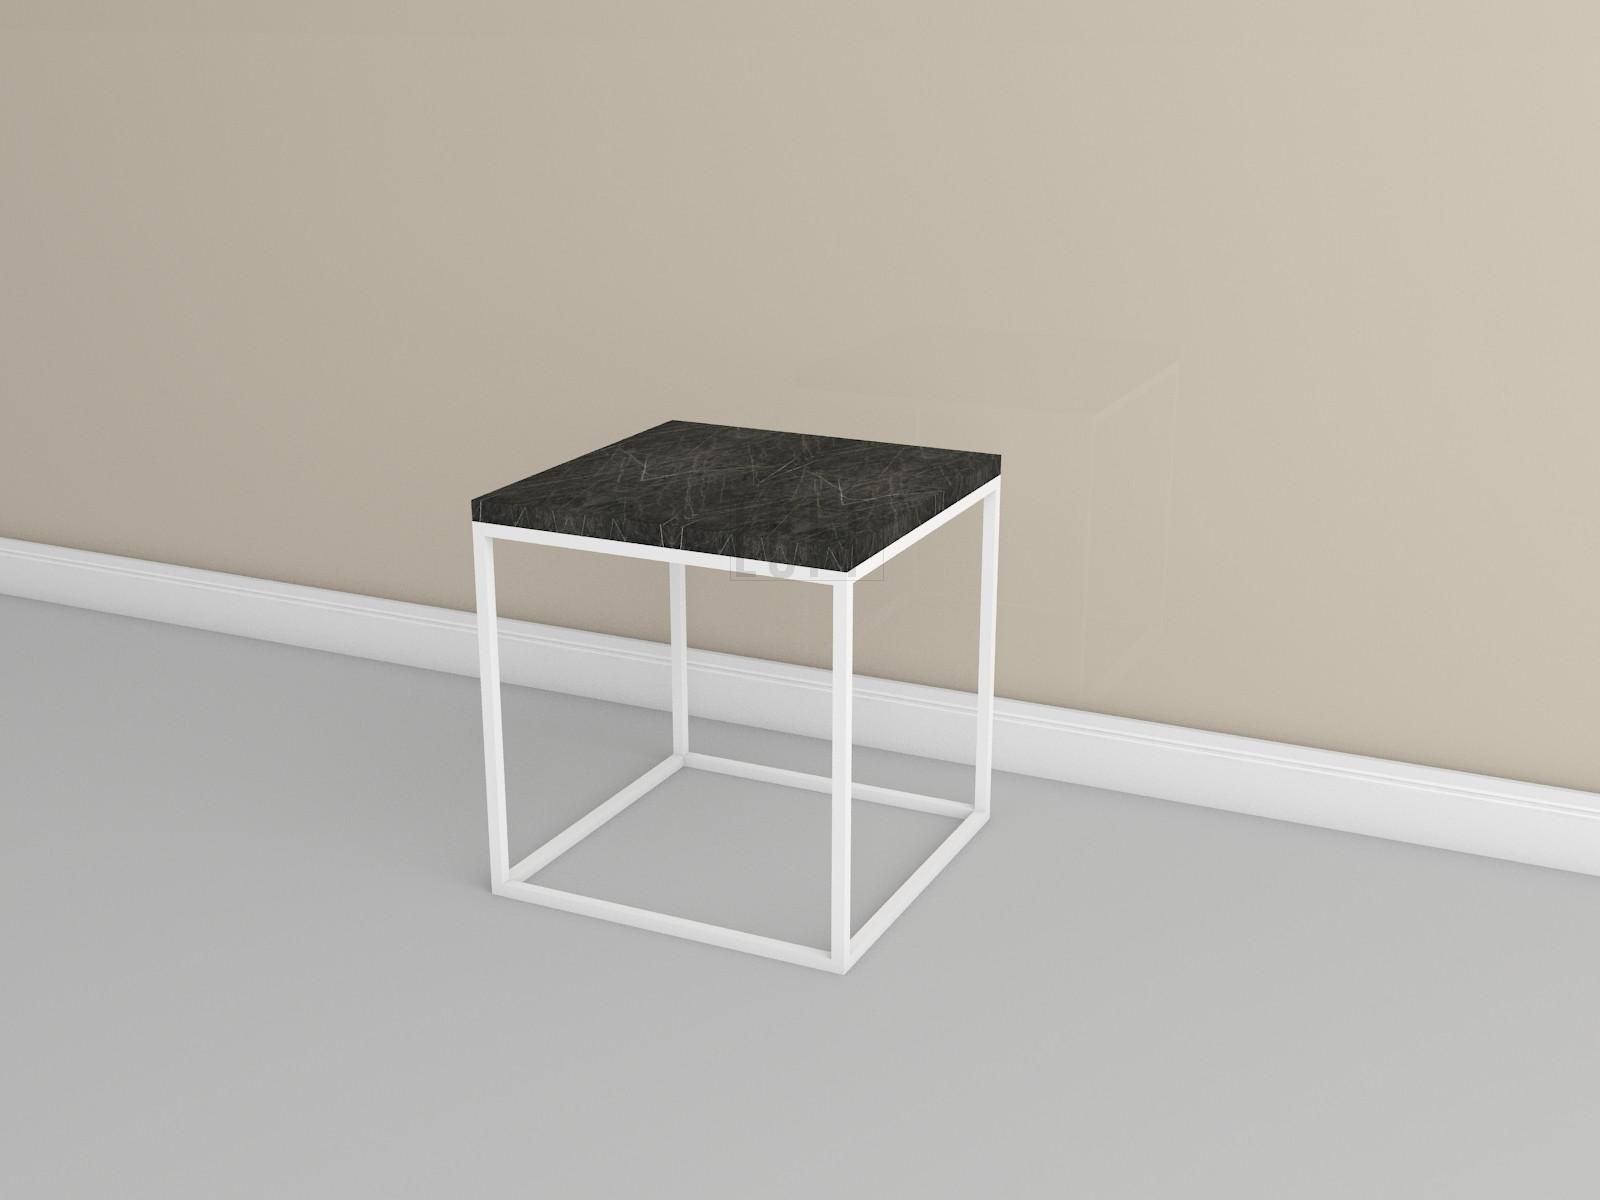 Журнальный столик Cube Low 4